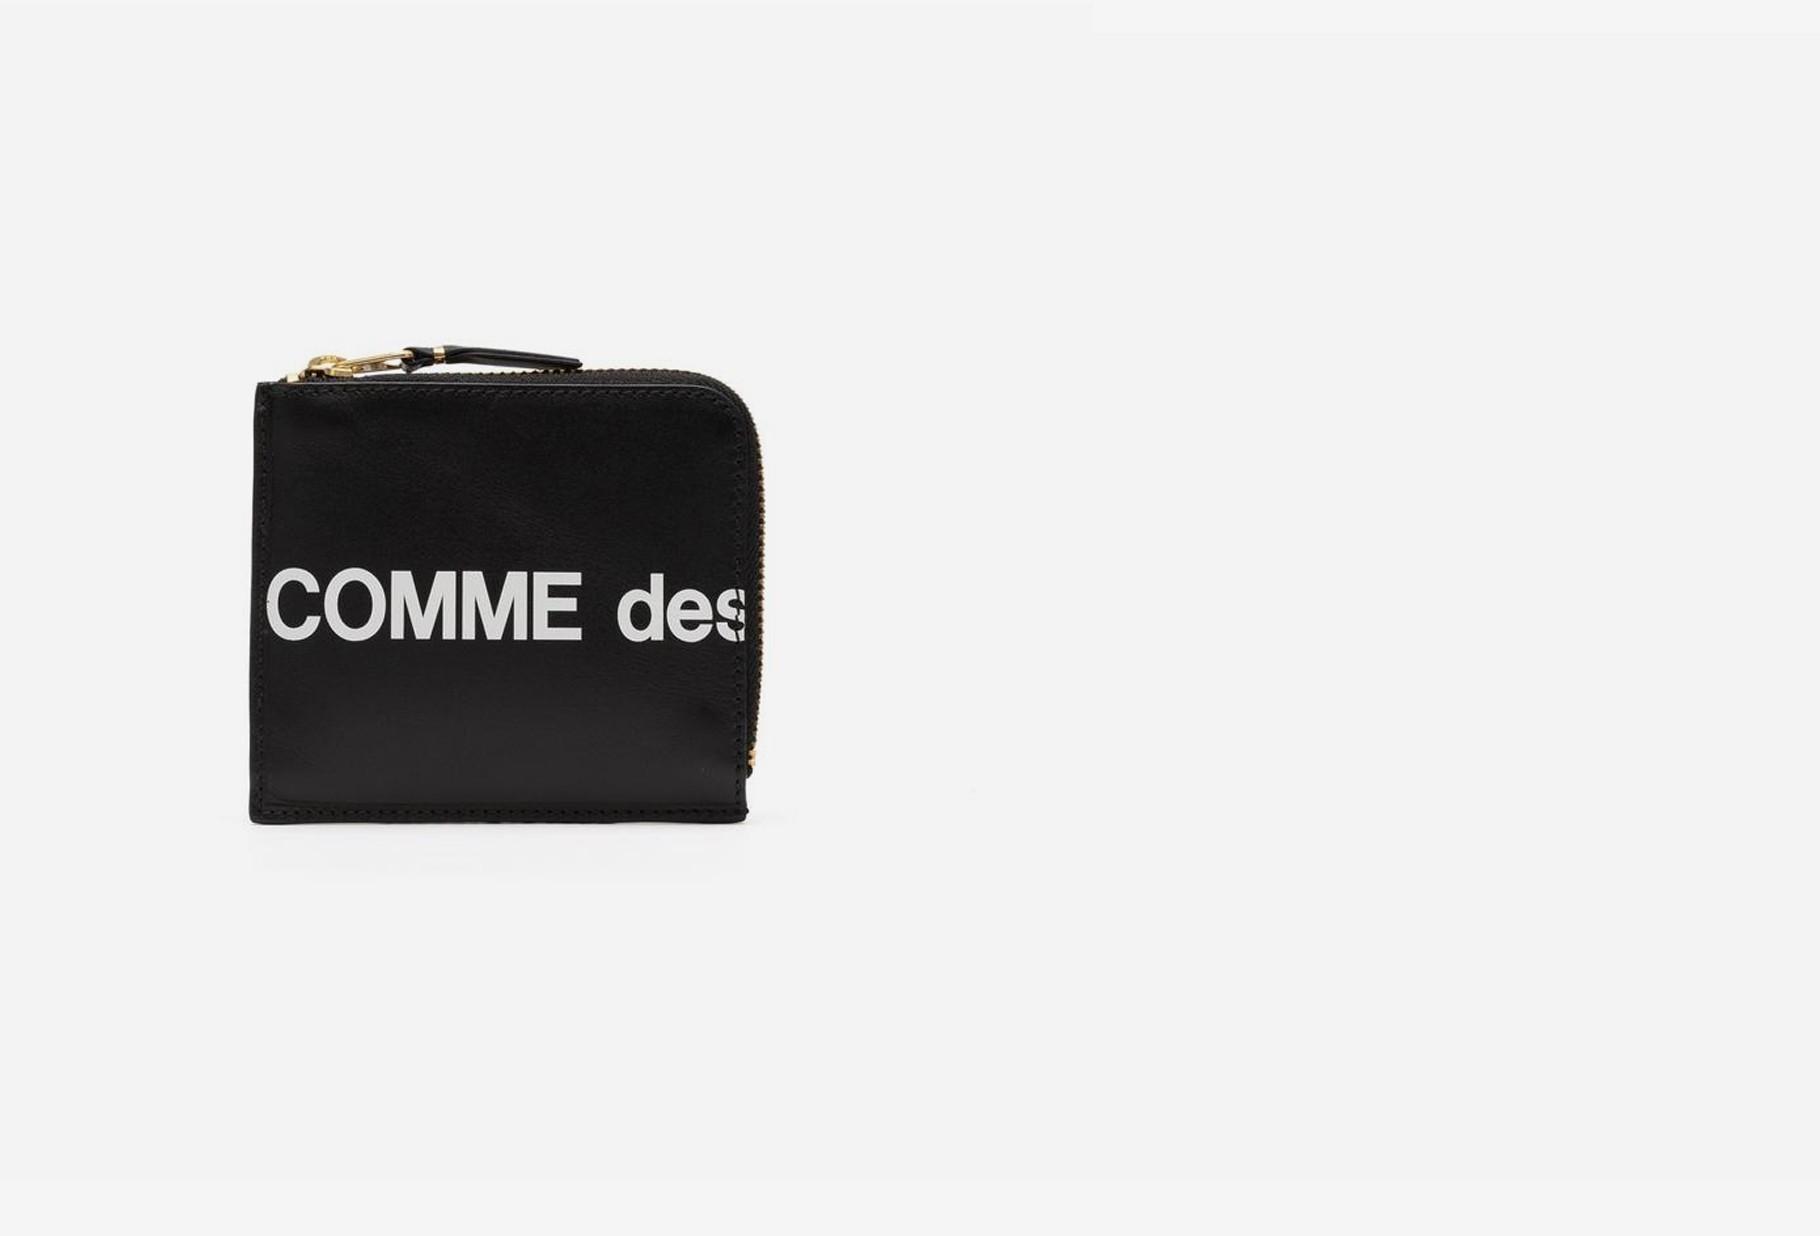 COMME DES GARÇONS WALLETS / Cdg huge logo wallet sa3100hl Black